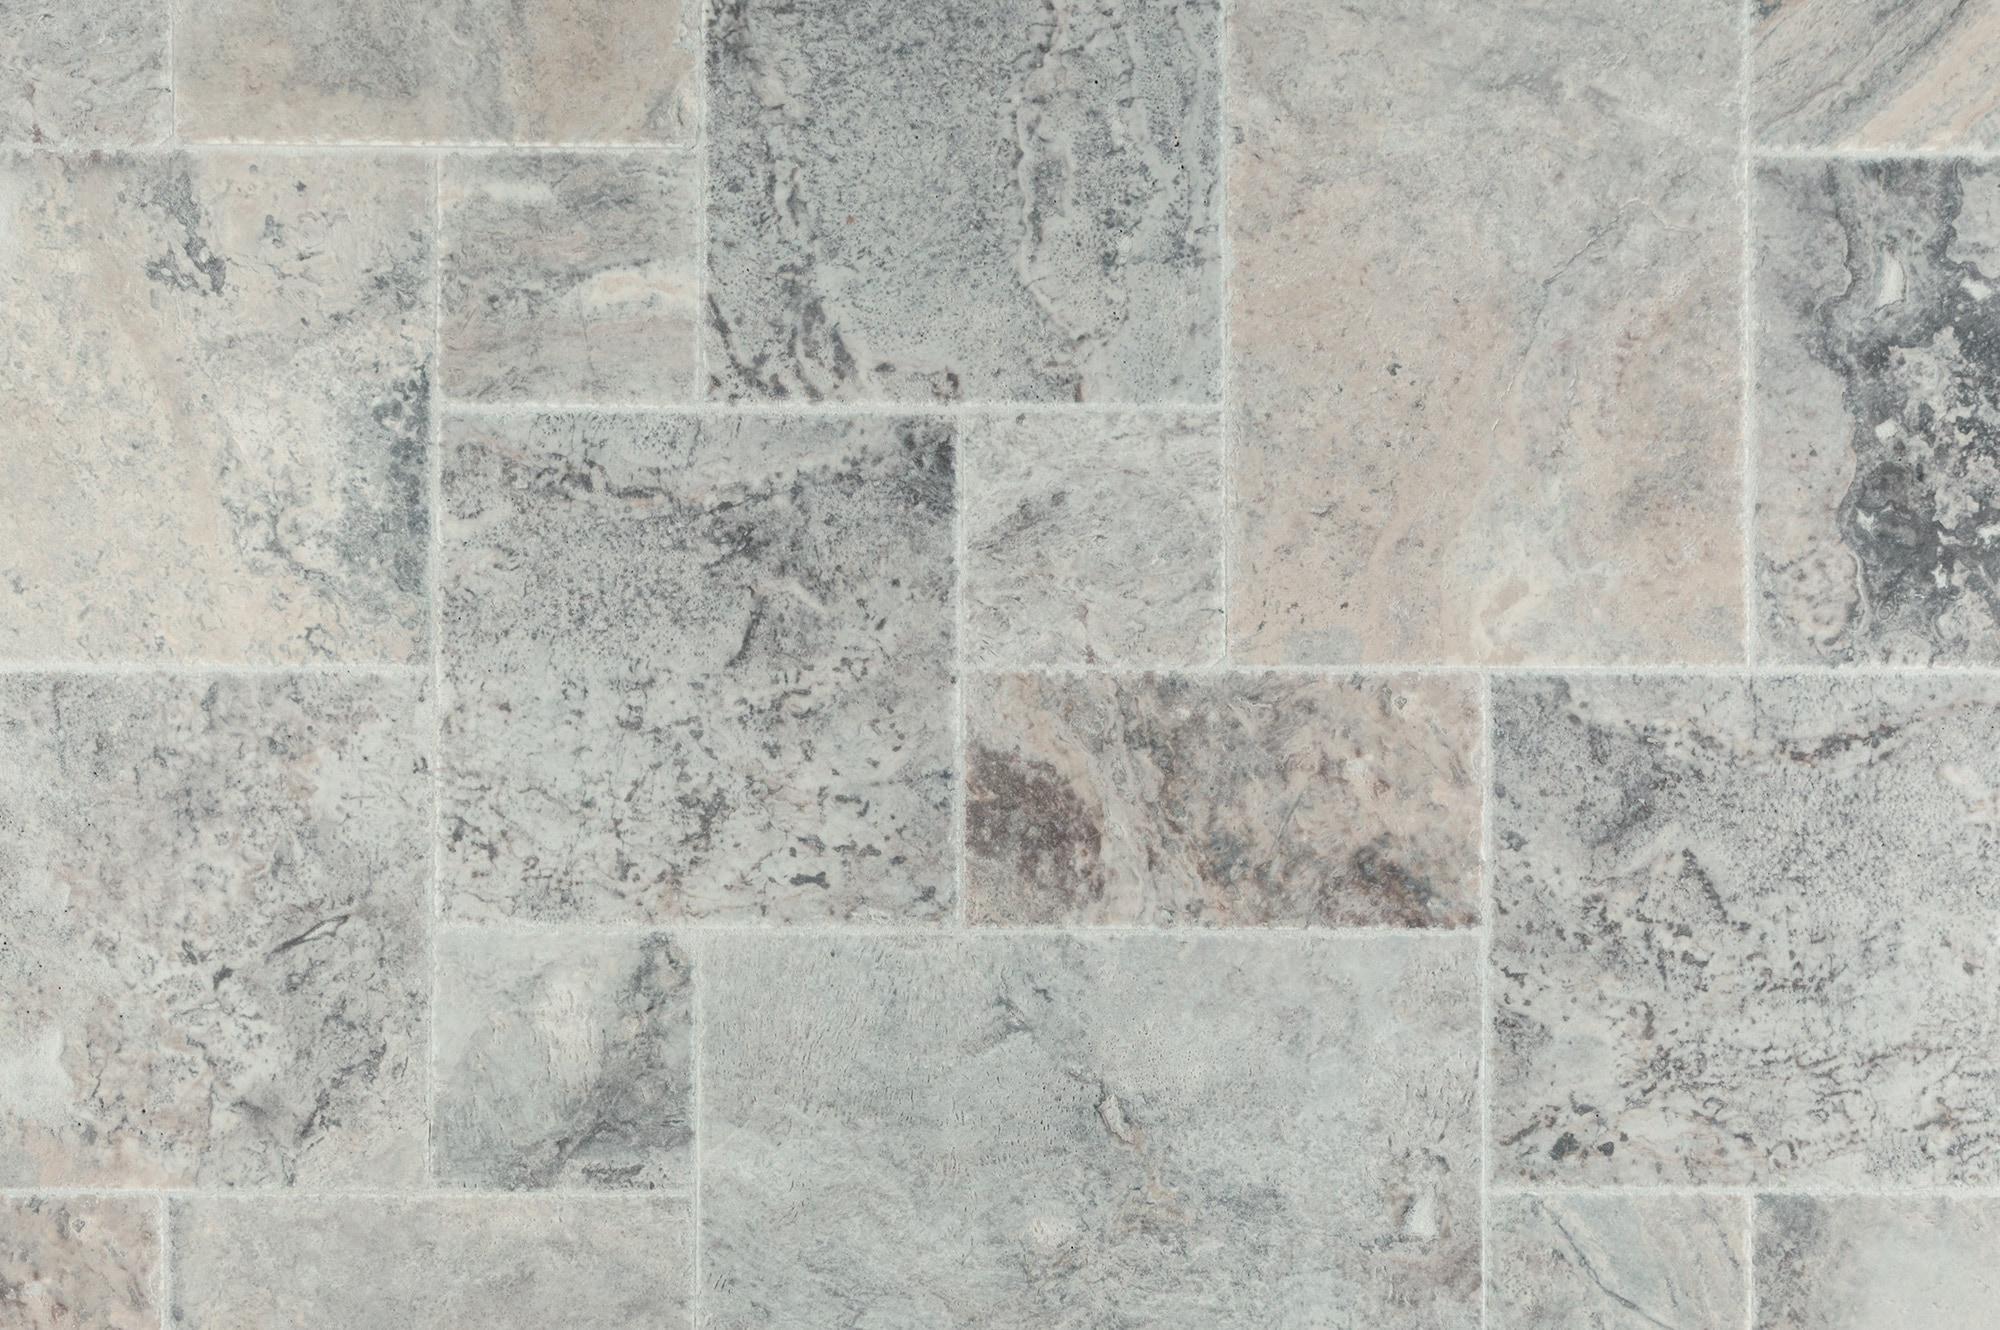 kesir travertine tile antique pattern